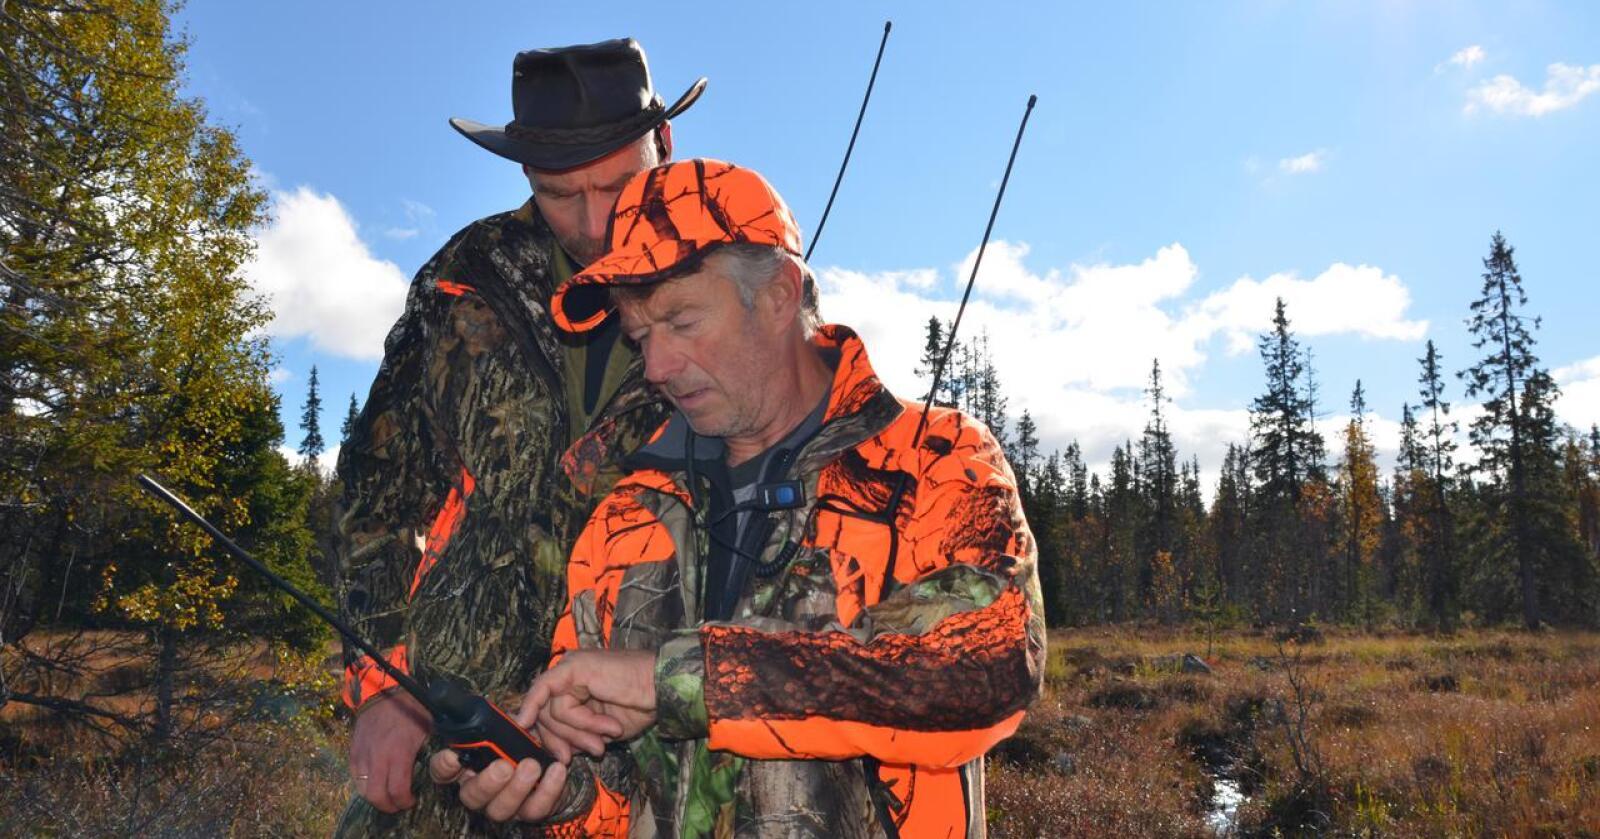 Størst på elg: Det er Innlandet og Trøndelag som er de største elgjaktfylkene. Under siste elgjakt ble det felt nesten 8 700 dyr i Innlandet. (Arkivfoto fra Engerdal)